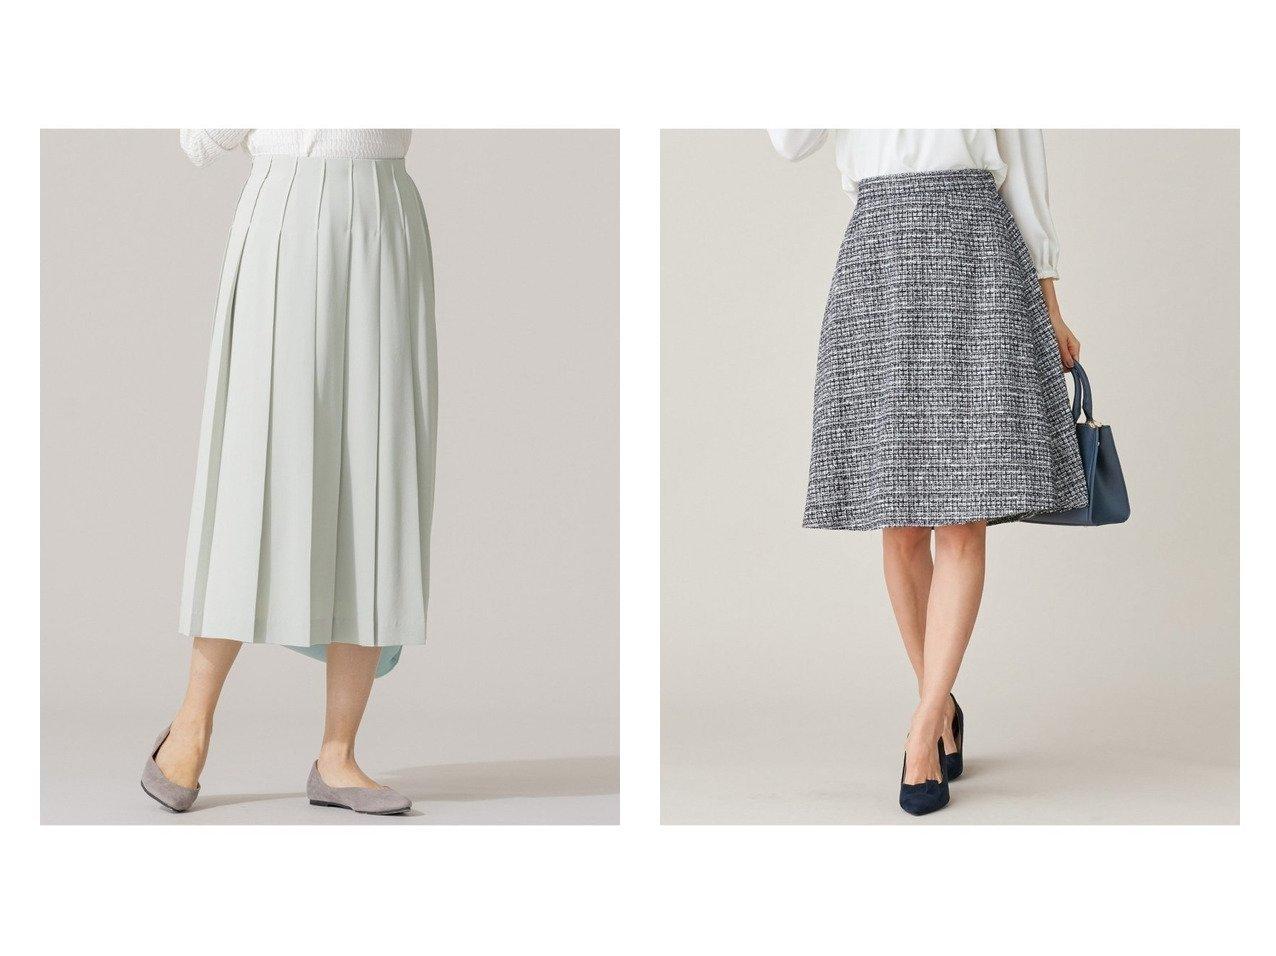 【KUMIKYOKU/組曲】の【セットアップ対応】ラメループモール ツイード スカート&【シワ加工・洗える】Pe2WAYストレッチプリーツスカート 【スカート】おすすめ!人気、トレンド・レディースファッションの通販 おすすめで人気の流行・トレンド、ファッションの通販商品 メンズファッション・キッズファッション・インテリア・家具・レディースファッション・服の通販 founy(ファニー) https://founy.com/ ファッション Fashion レディースファッション WOMEN スカート Skirt プリーツスカート Pleated Skirts セットアップ Setup スカート Skirt ウォッシャブル 洗える コンパクト ジャケット ストレッチ プリーツ リラックス 2021年 2021 S/S・春夏 SS・Spring/Summer 2021春夏・S/S SS/Spring/Summer/2021 カーディガン セットアップ ツイード フォーマル フレア ベーシック ループ |ID:crp329100000028455